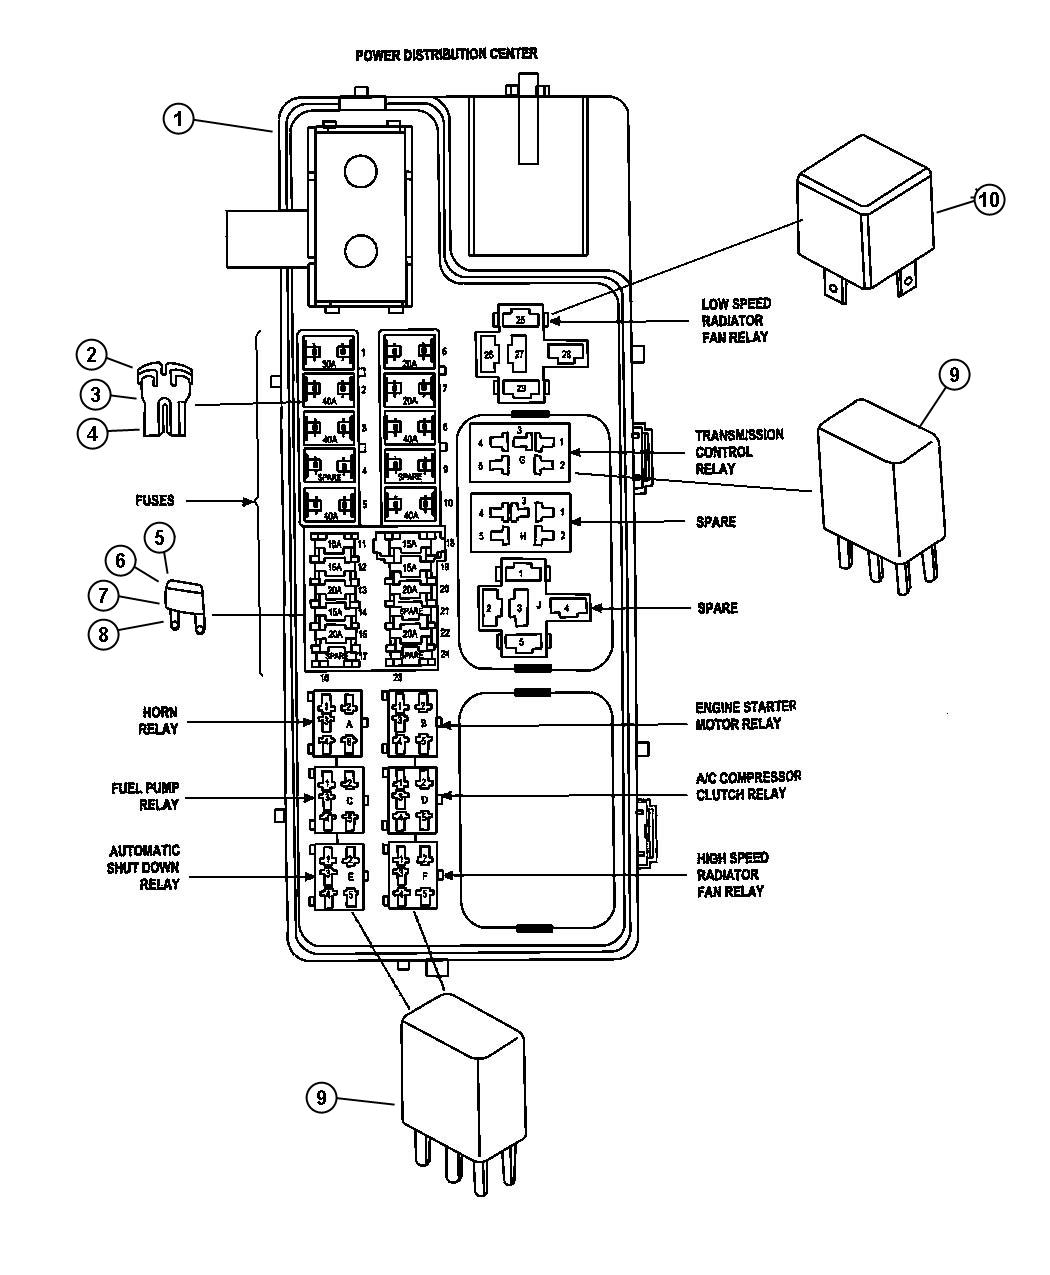 00i54981?resize=665%2C808 2002 chrysler pt cruiser cooling fan wiring diagram 2001 pt 2006 PT Cruiser Wiring-Diagram at panicattacktreatment.co